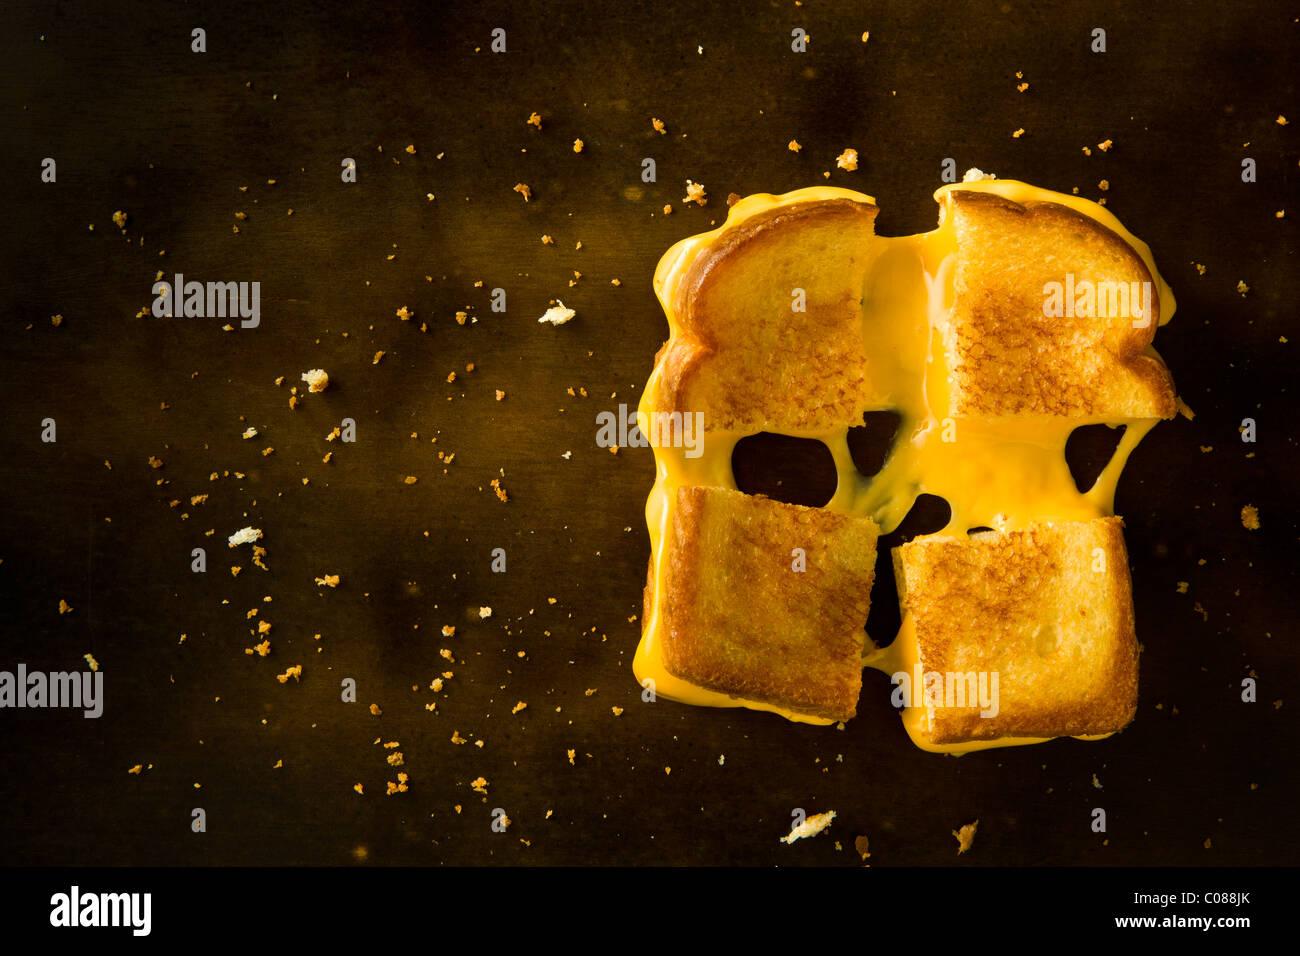 Un sandwich au fromage coupé en quatre carrés tirant le fromage sur une table en bois Banque D'Images